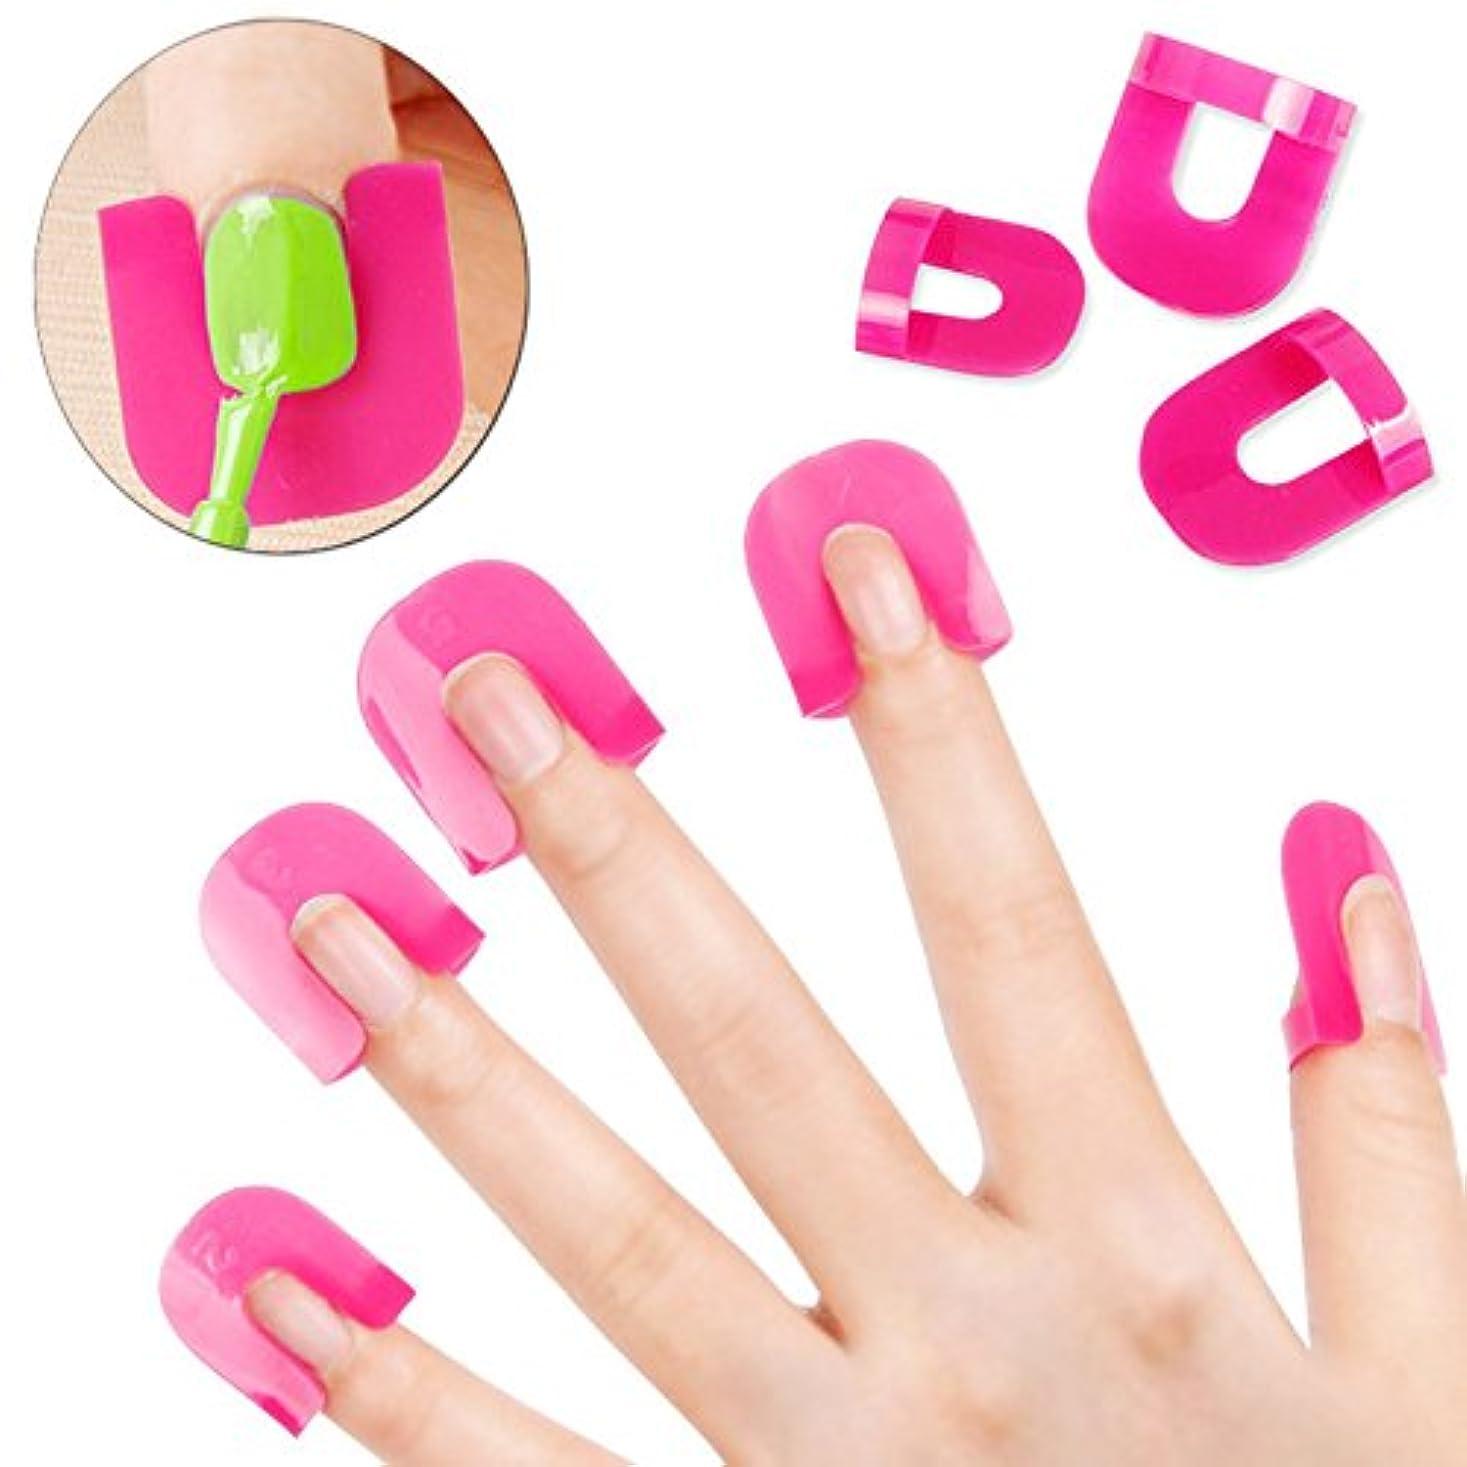 インタラクション召喚する真剣にNew 26PCS Professional French Nail Art Manicure Stickers Tips Finger Cover Polish Shield Protector Plastic Case...